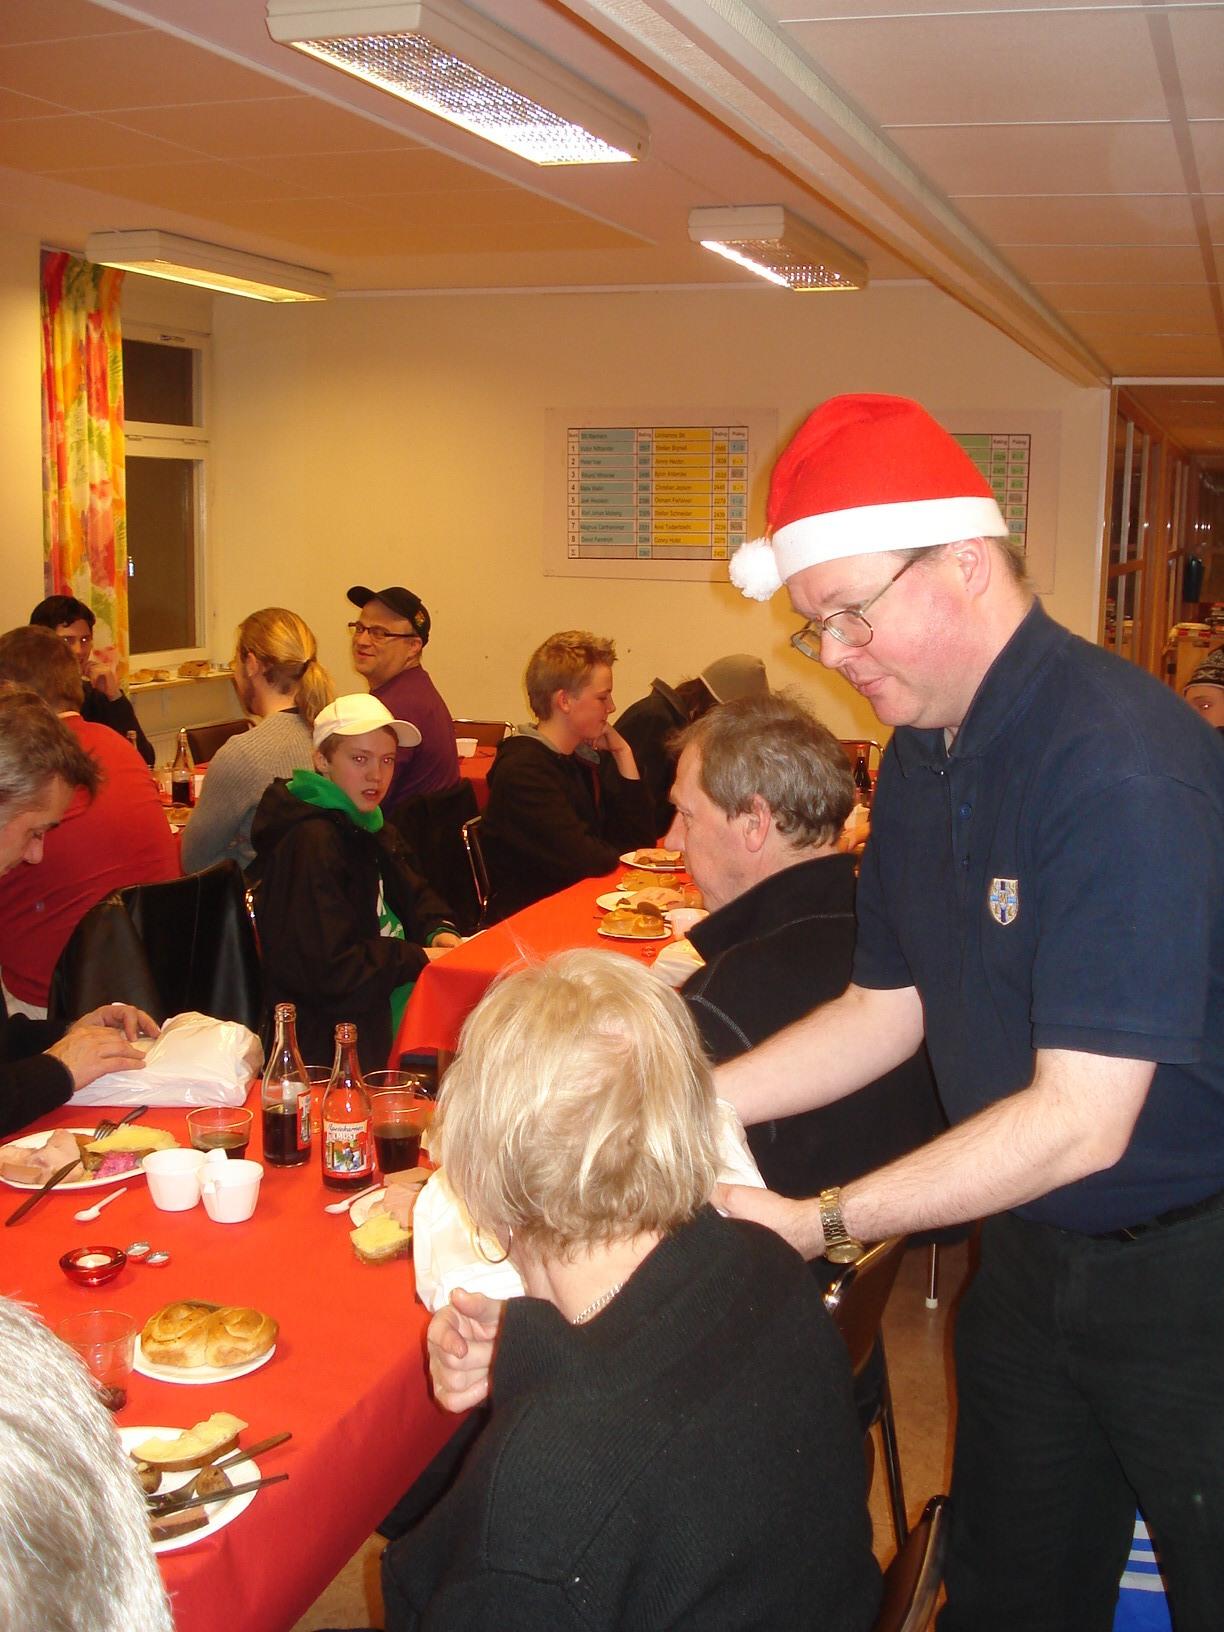 Jultomten fördelade med varm hand julklappspåsar till de församlade.